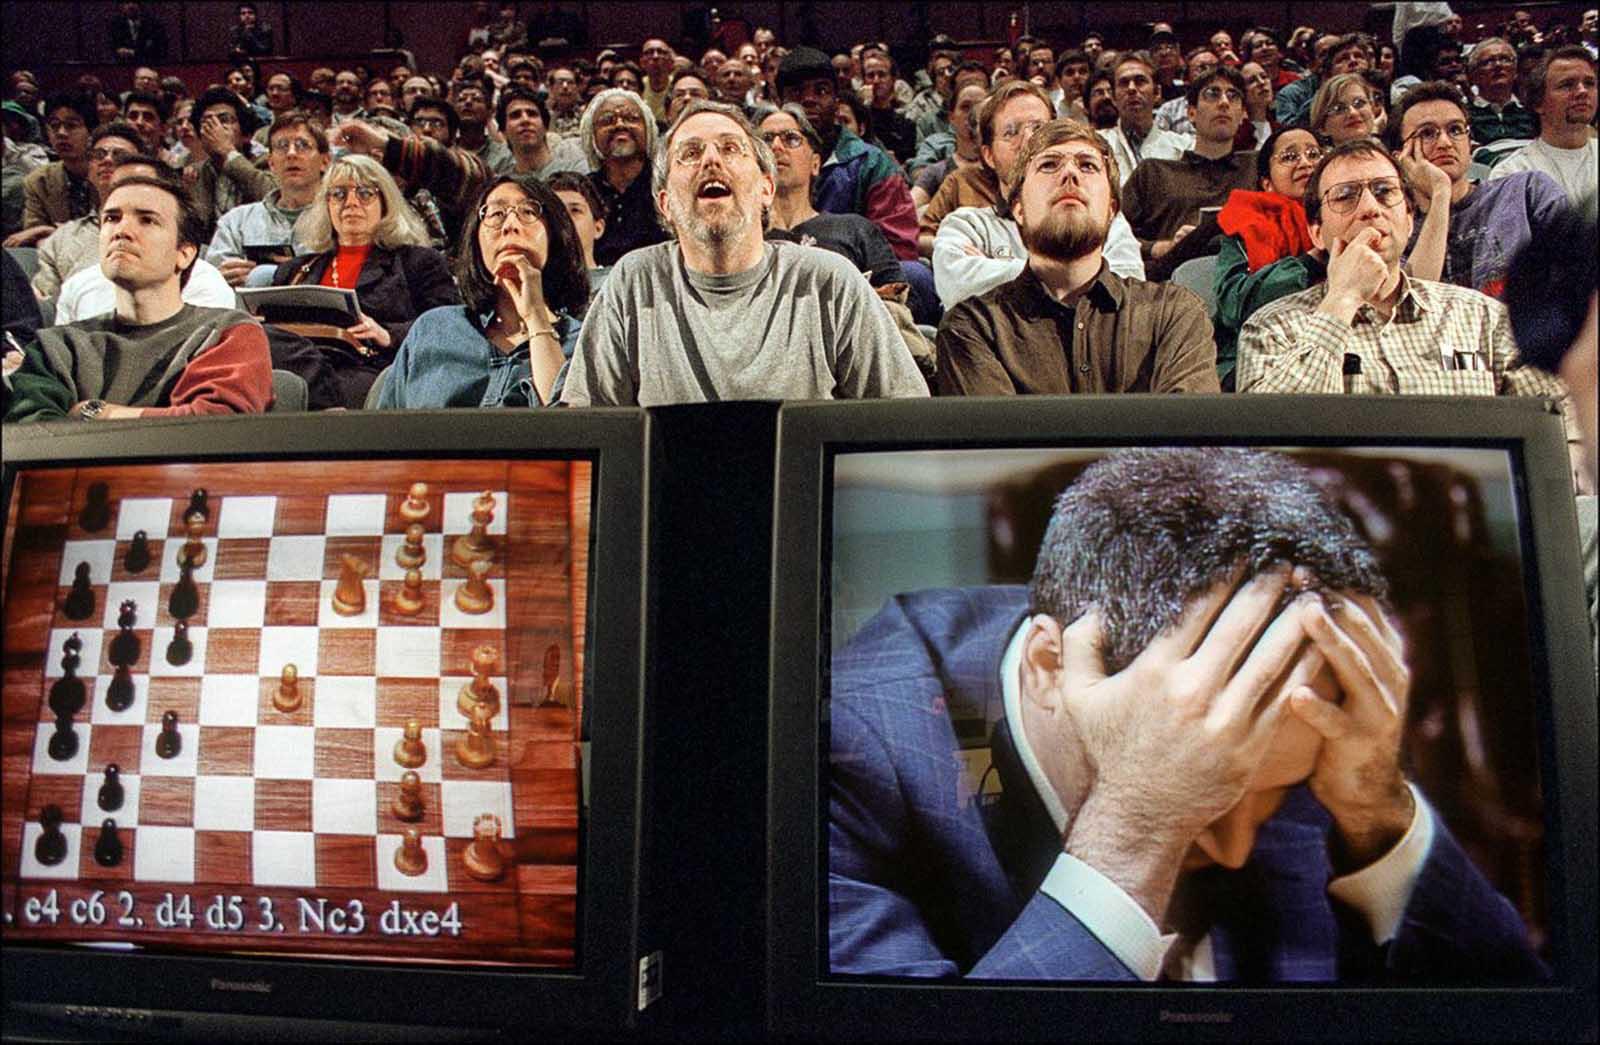 Los espectadores ven una transmisión del juego final y decisivo en la revancha entre Garry Kasparov y la computadora de IBM Deep Blue. 11 de mayo de 1997.